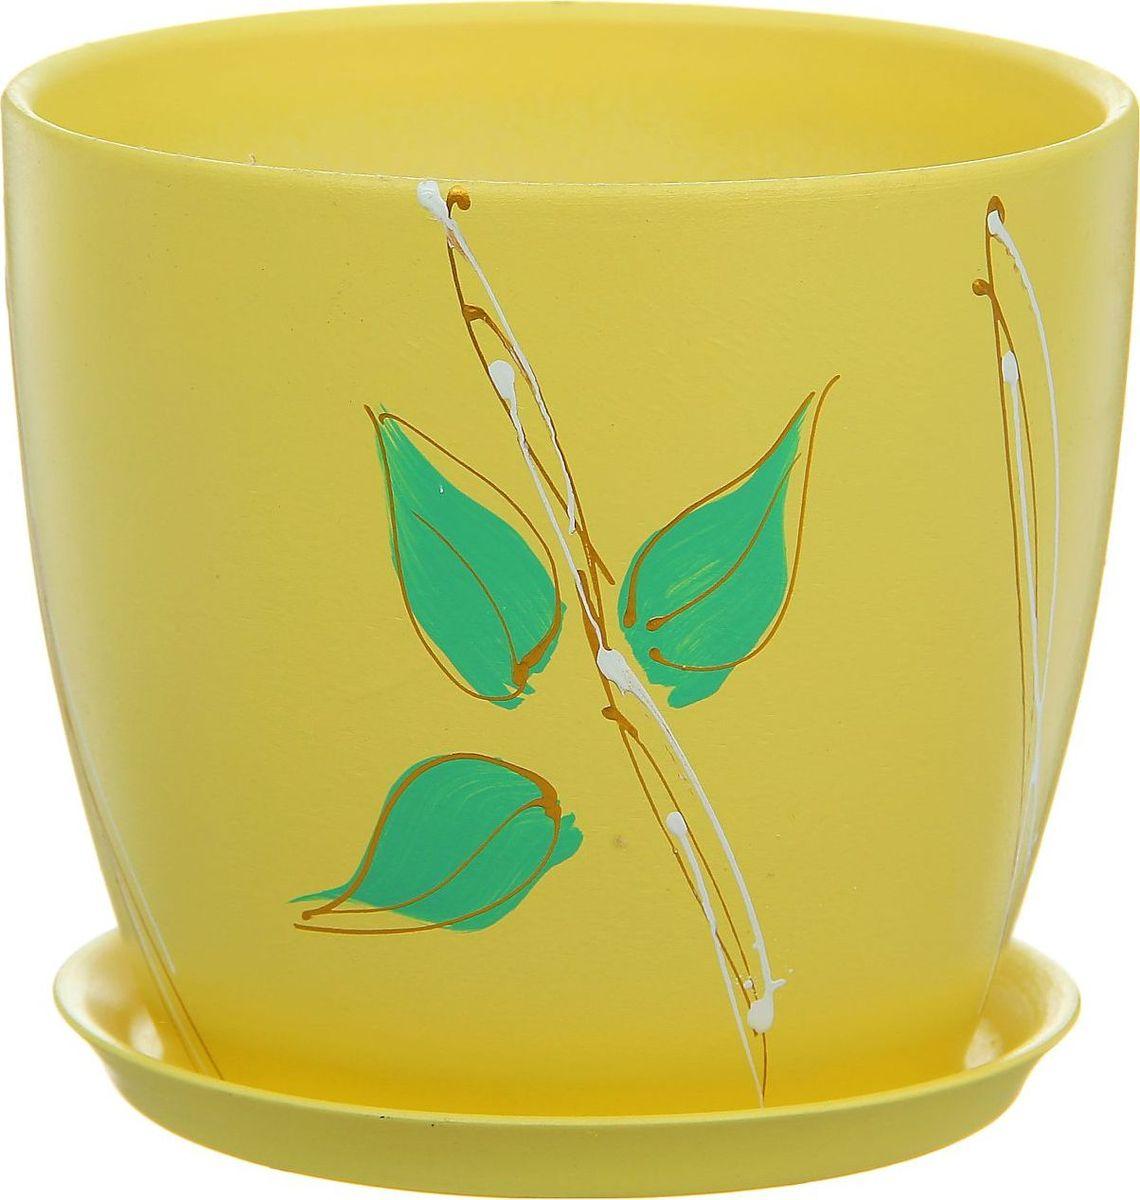 Кашпо Керамика ручной работы Осень. Роспись, цвет: желтый, 3 л6.295-875.0Комнатные растения — всеобщие любимцы. Они радуют глаз, насыщают помещение кислородом и украшают пространство. Каждому из них необходим свой удобный и красивый дом. Кашпо из керамики прекрасно подходят для высадки растений: за счёт пластичности глины и разных способов обработки существует великое множество форм и дизайновпористый материал позволяет испаряться лишней влагевоздух, необходимый для дыхания корней, проникает сквозь керамические стенки! #name# позаботится о зелёном питомце, освежит интерьер и подчеркнёт его стиль.